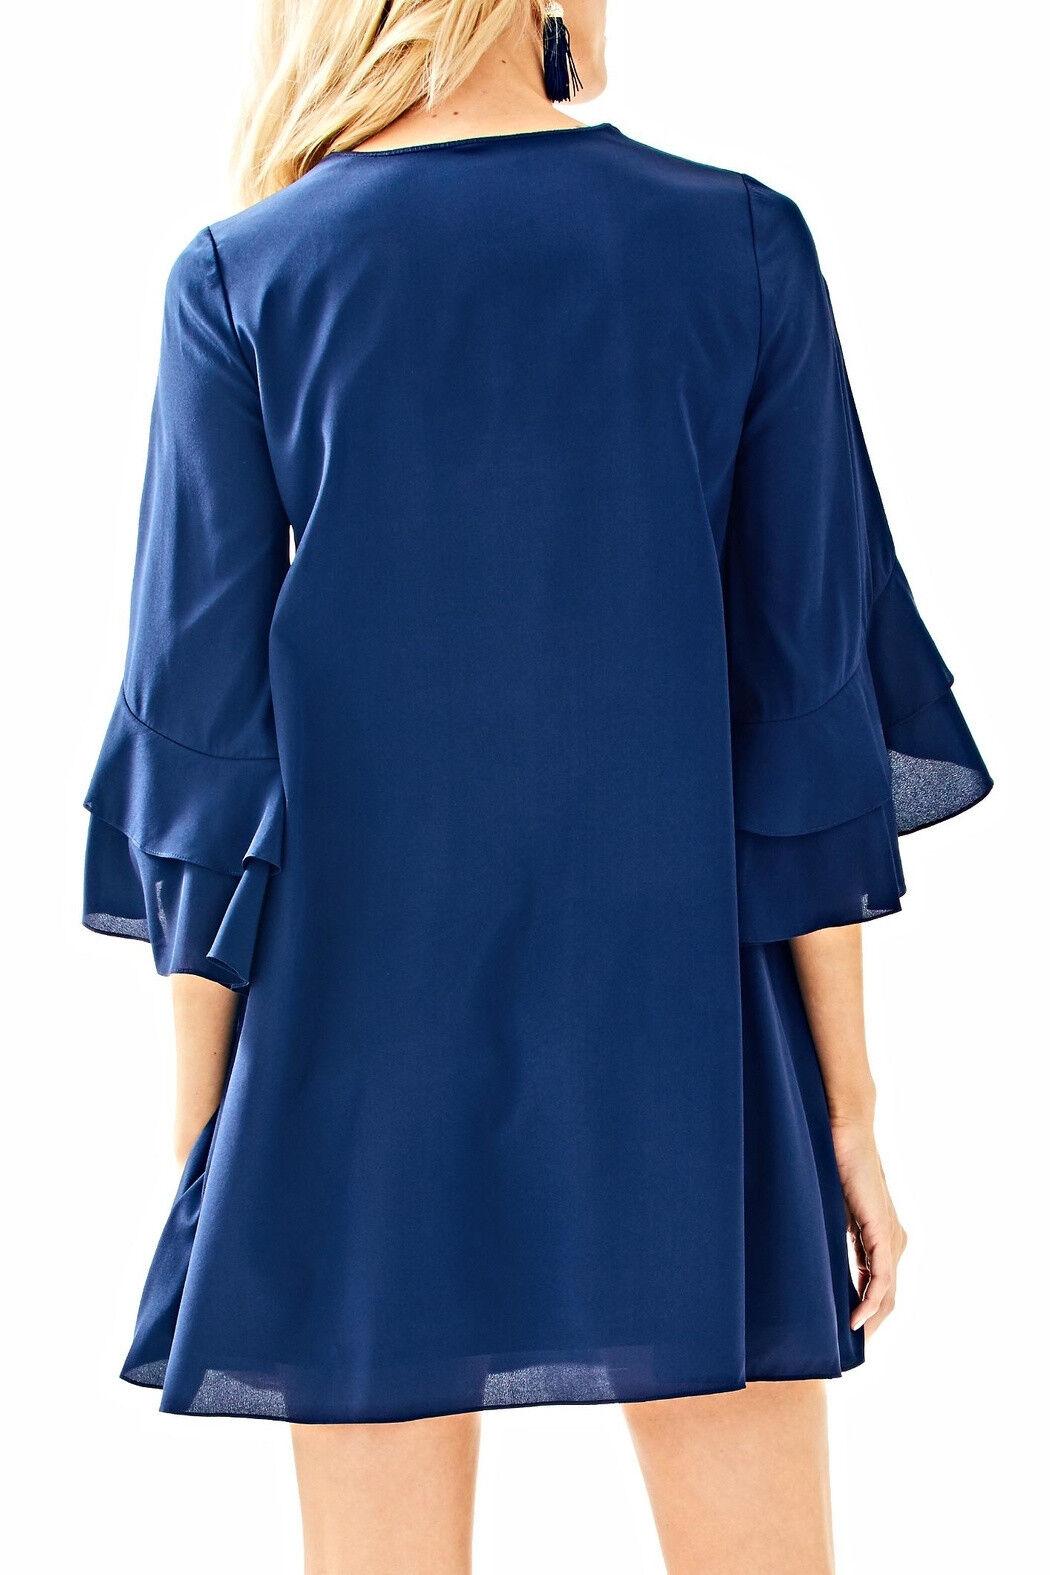 278.00 NWT LILLY PULITZER TATIANA DRESS STRETCH SILK EMBELLISHED NAVY XXS,XS,M